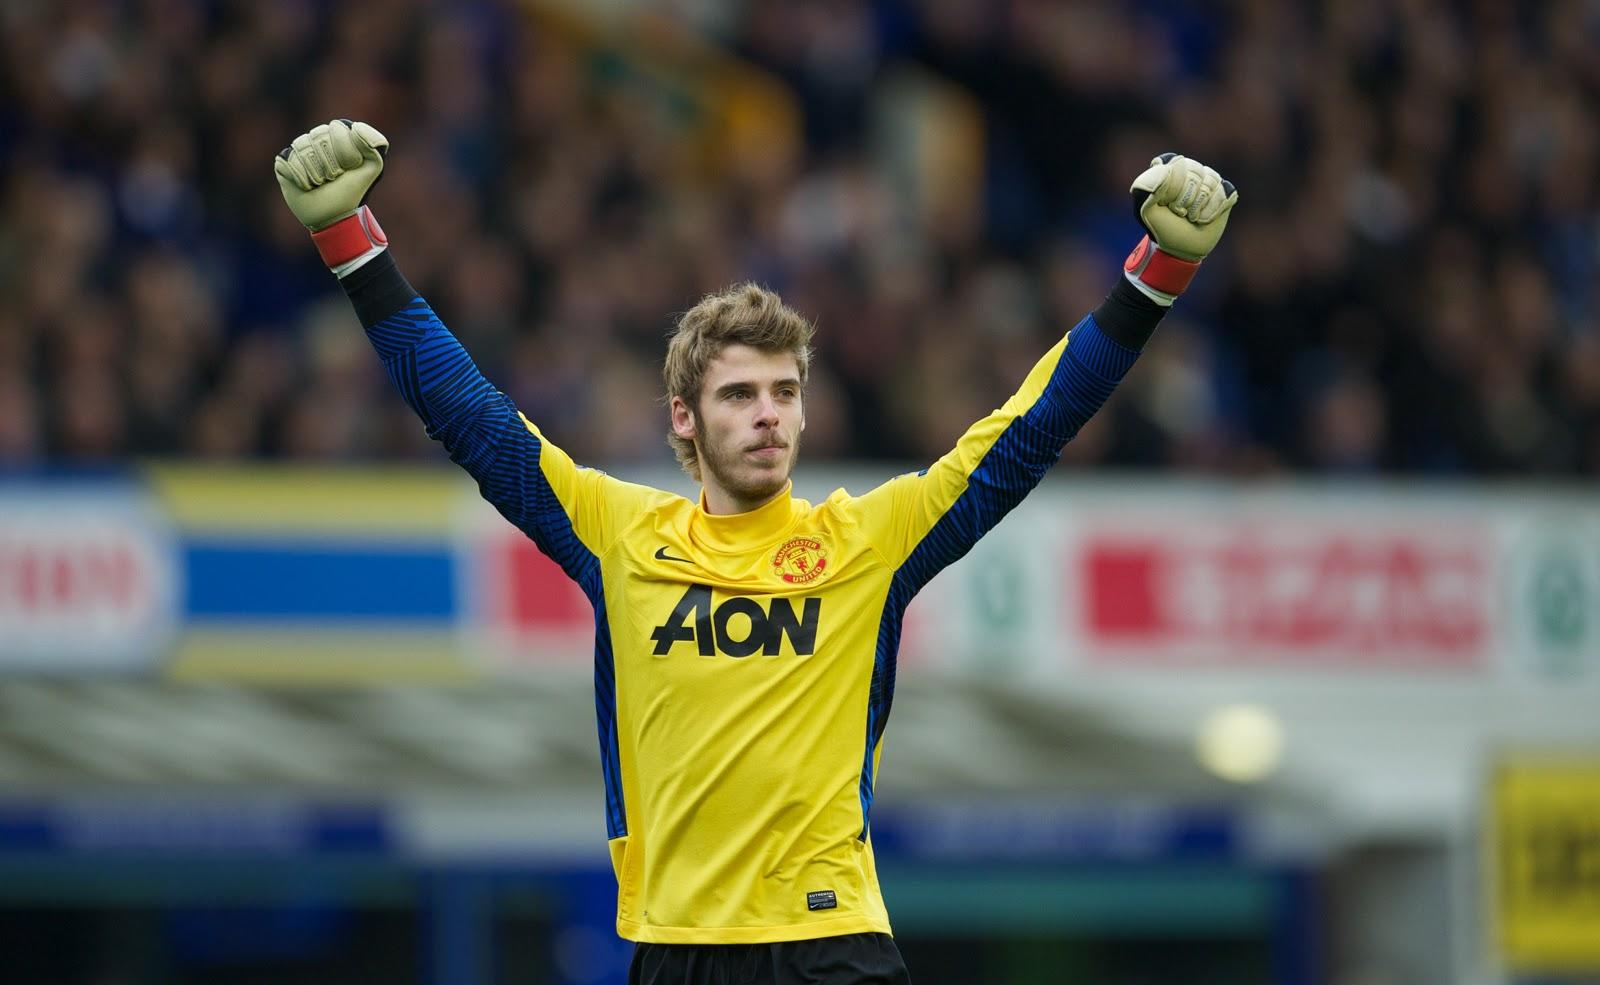 Năm 2011, M.U được dự đoán sẽ thống trị Premier League 2020 với đội hình này - Bóng Đá